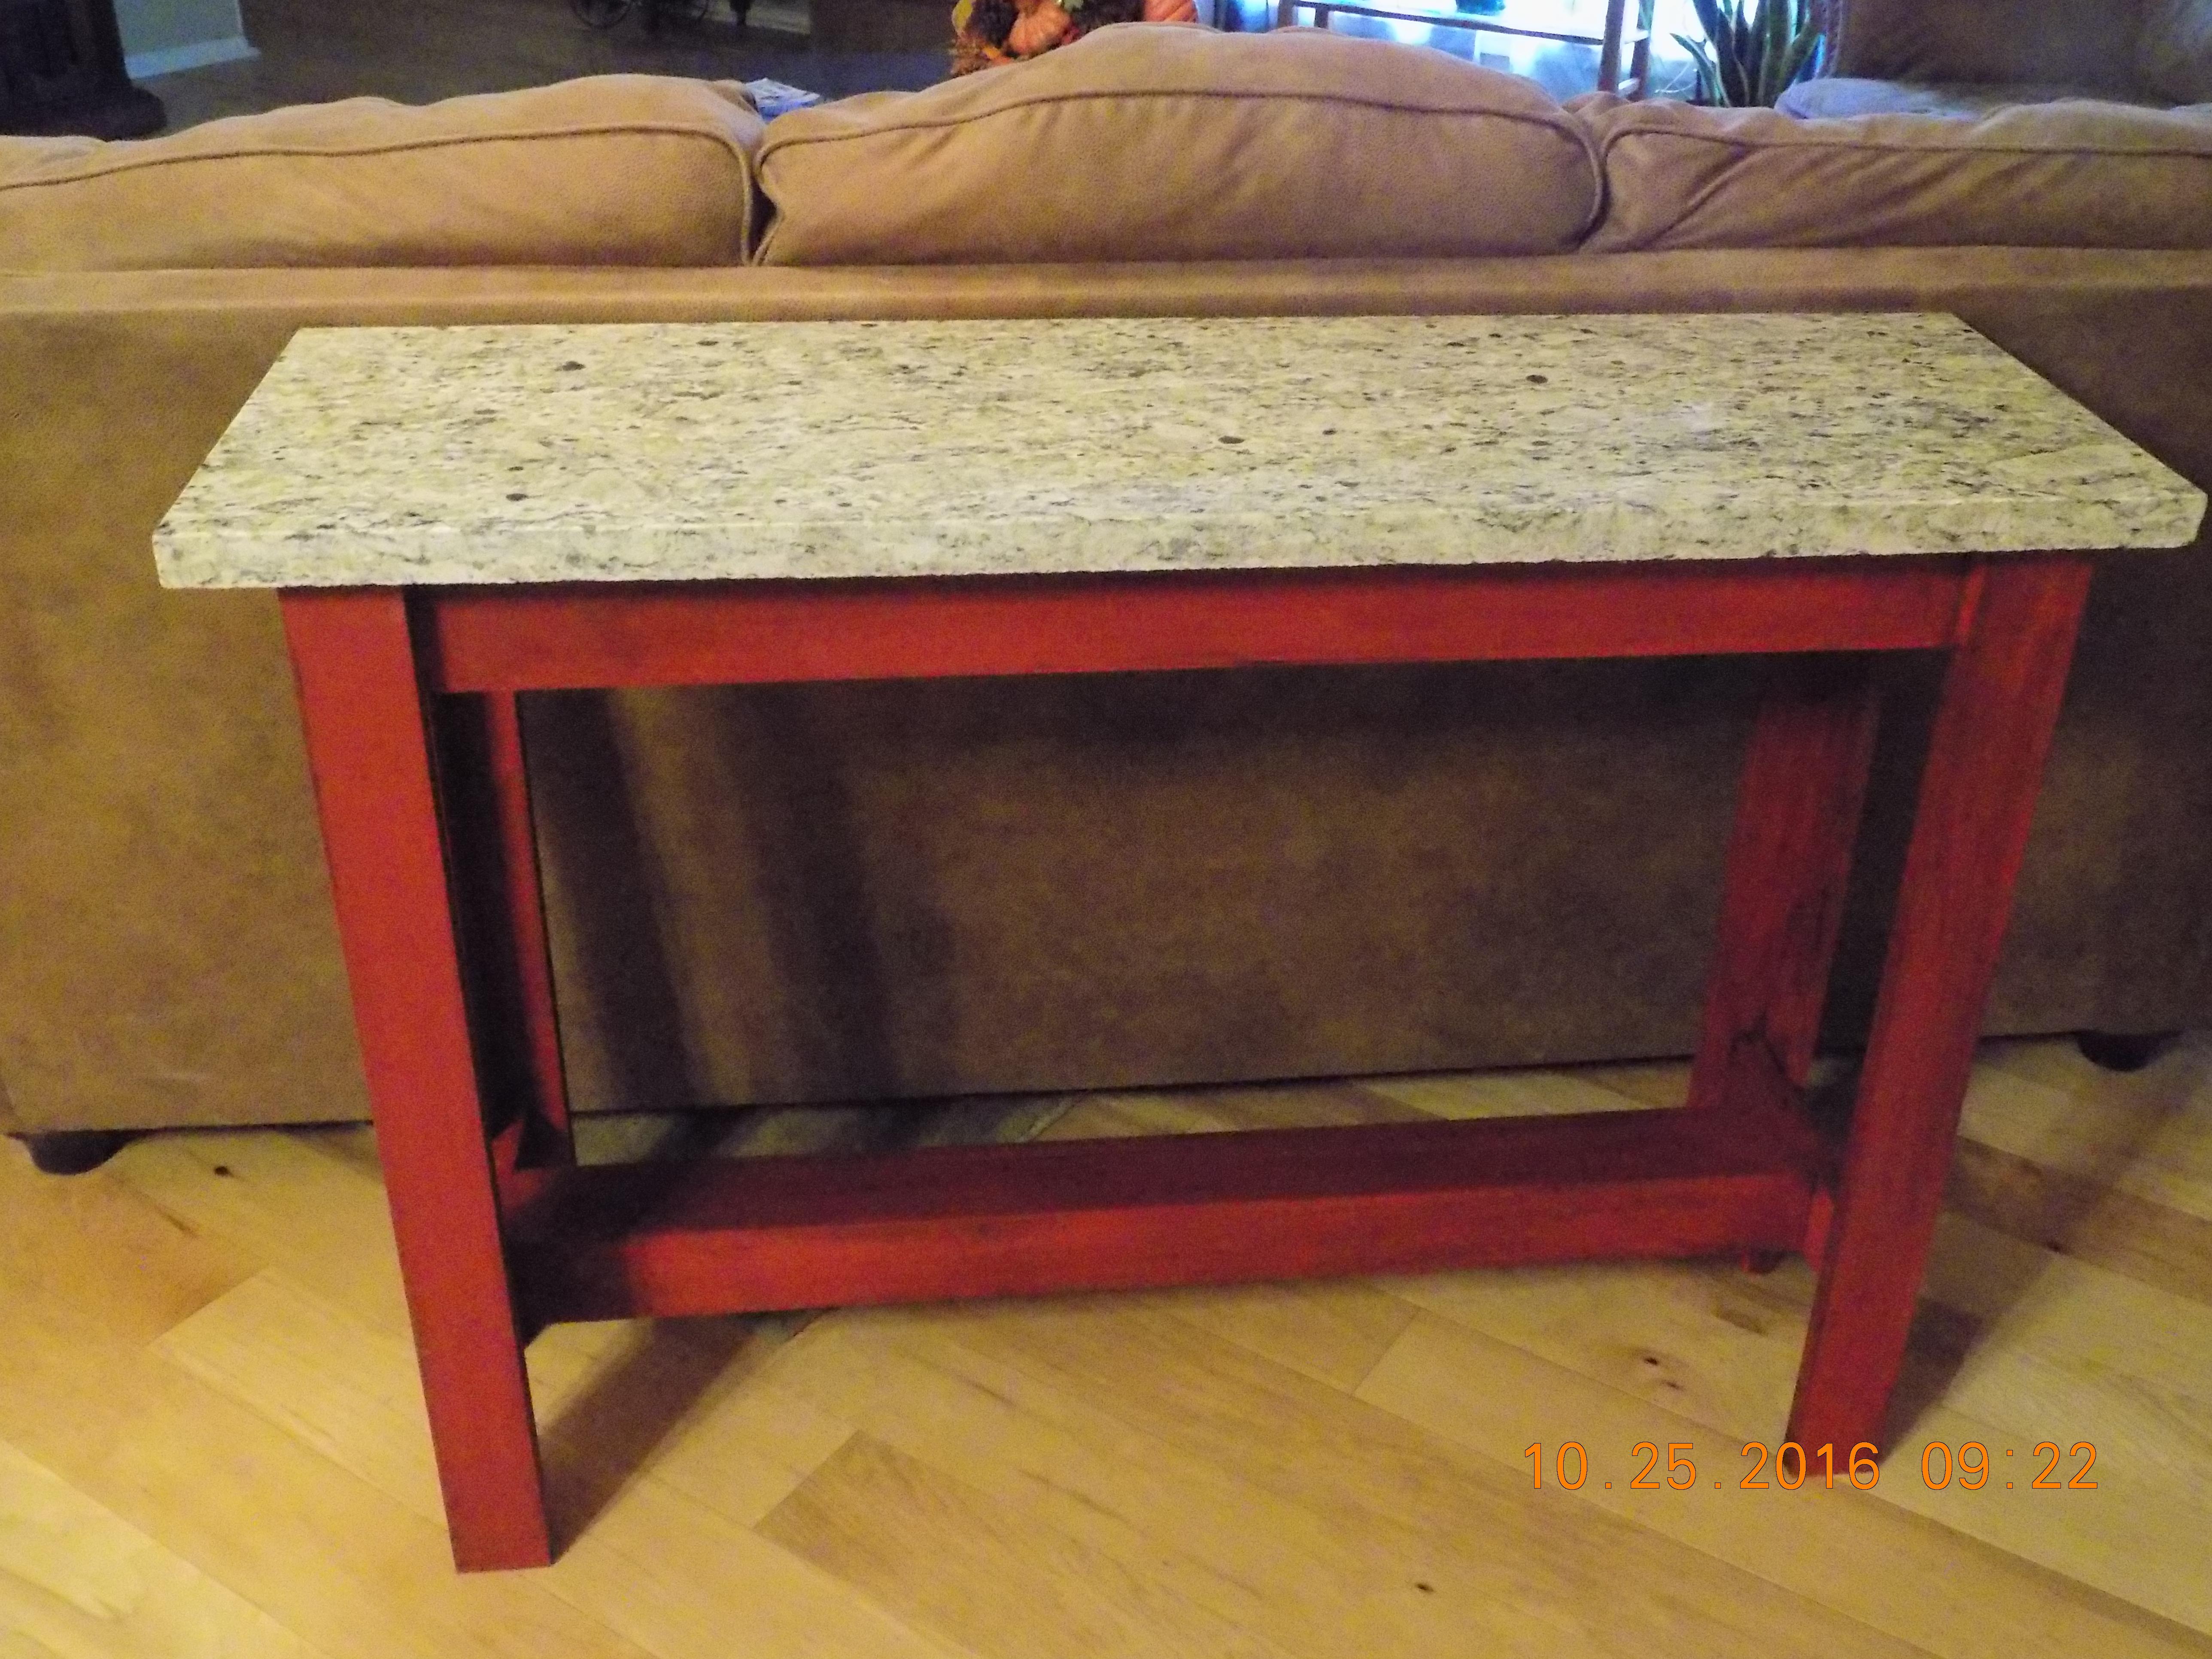 Sofa Table with Granite Top | Ana White